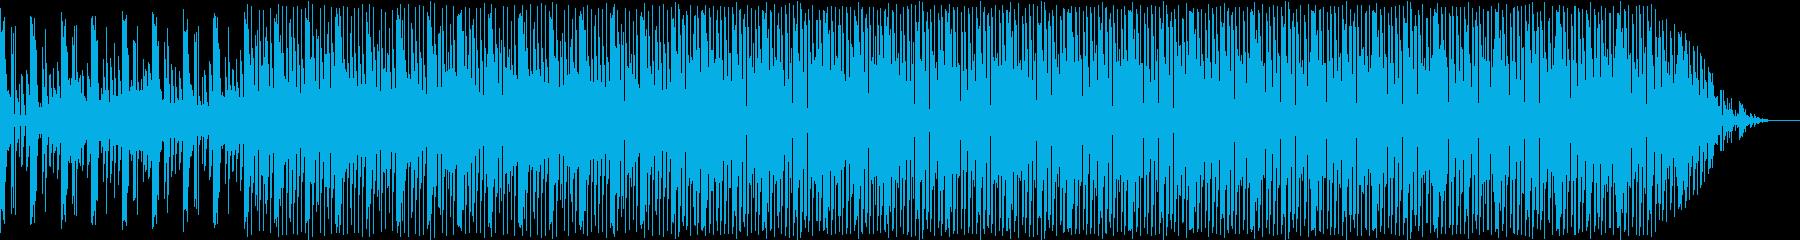 複雑なリズムの絡み合う曲の再生済みの波形